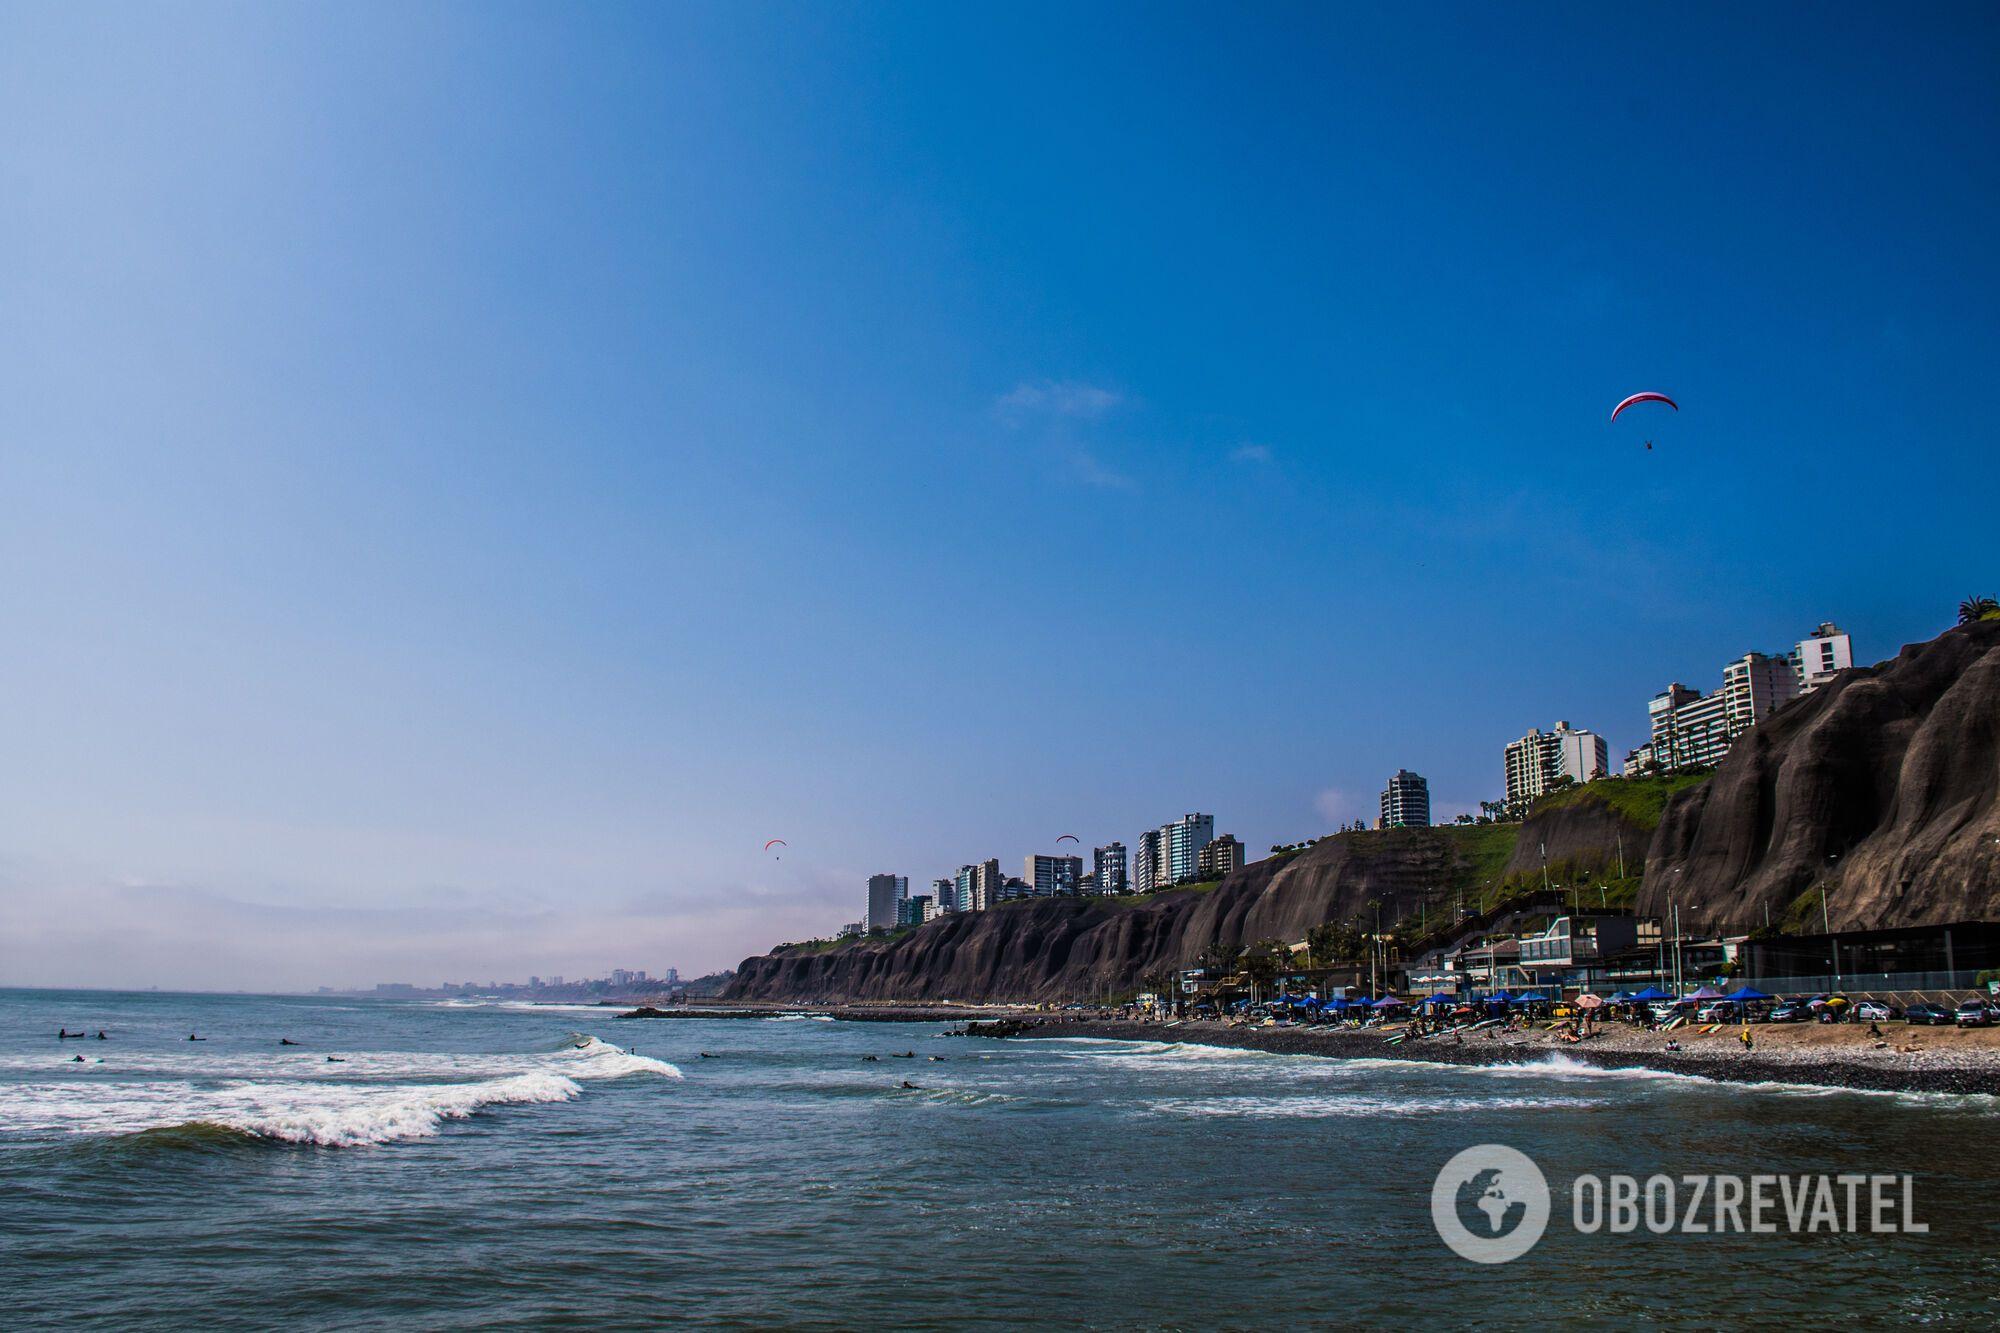 Рай для серферов и гурманов: украинка о невероятном городе в Южной Америке